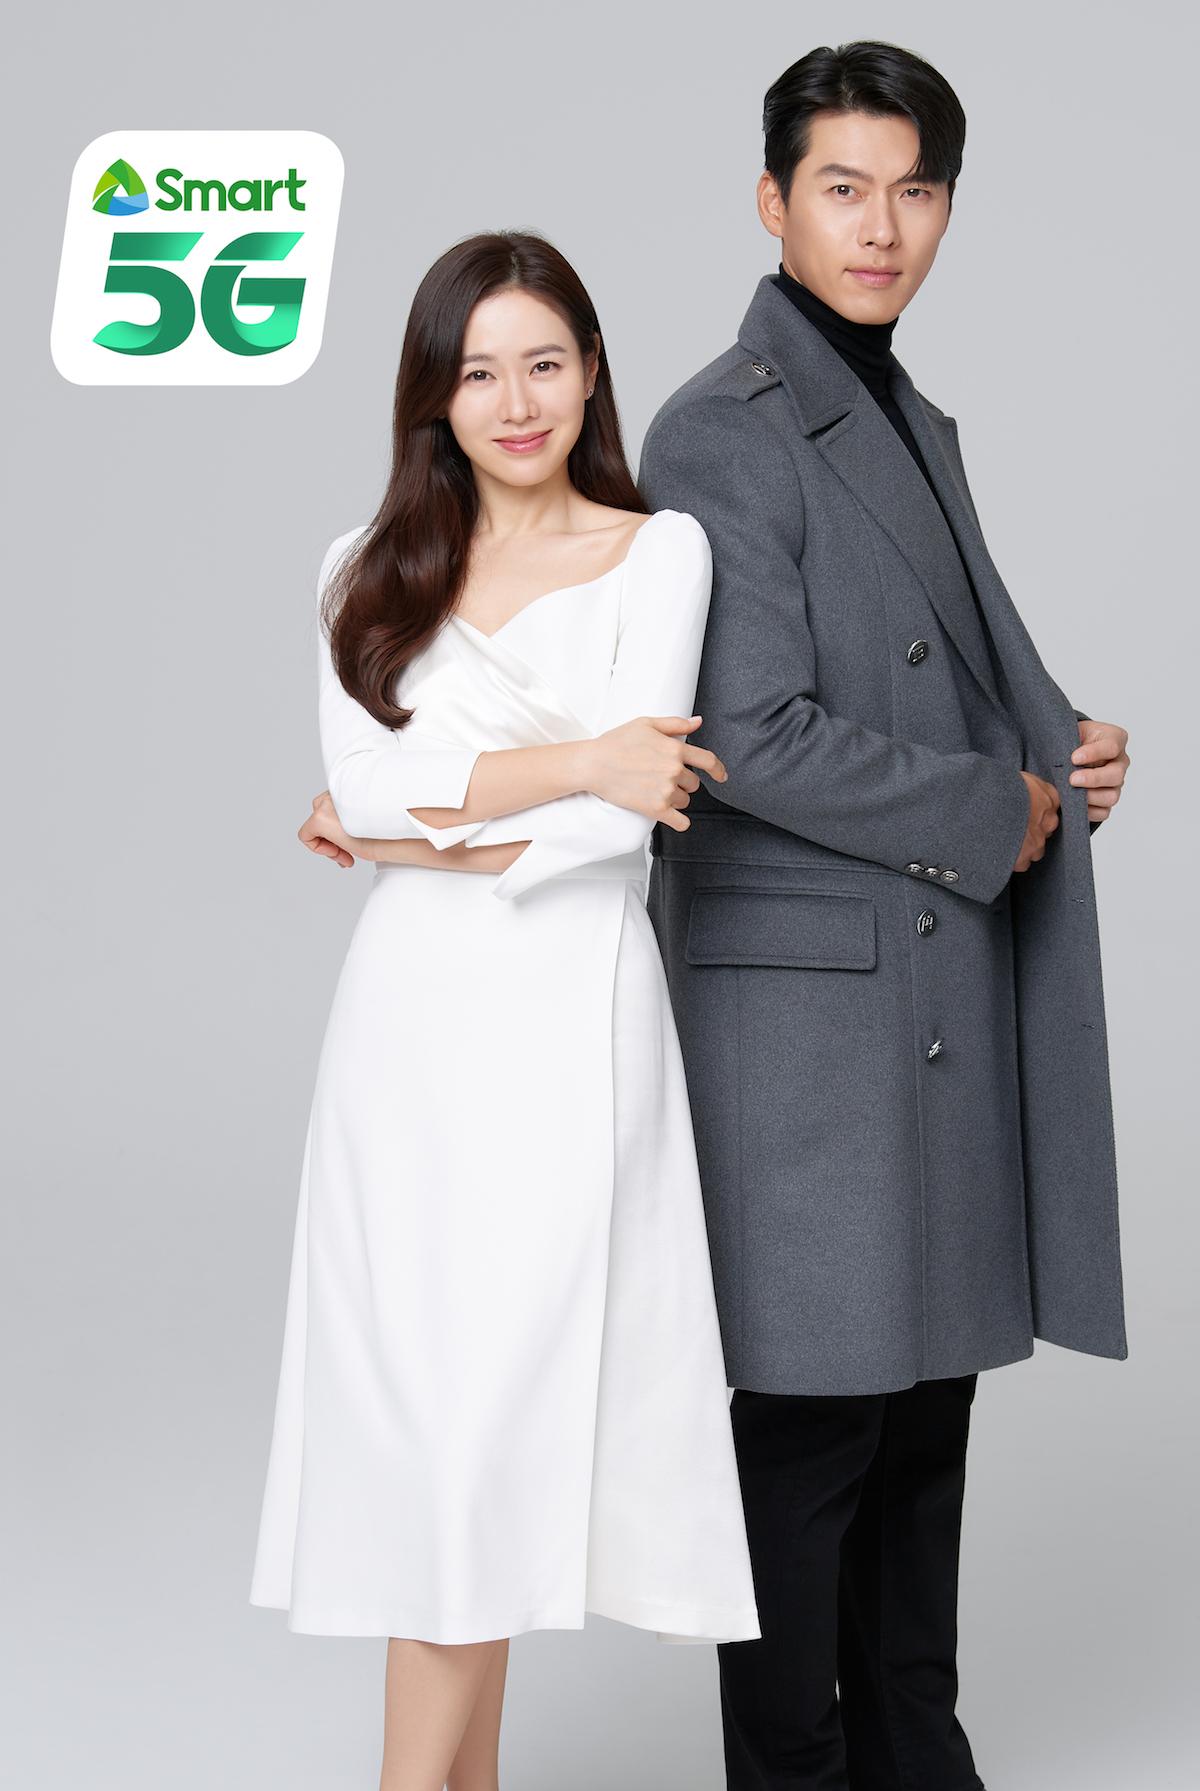 Hyun Bin and Son Ye Jin send fans' hearts aflutter in new Smart TVC